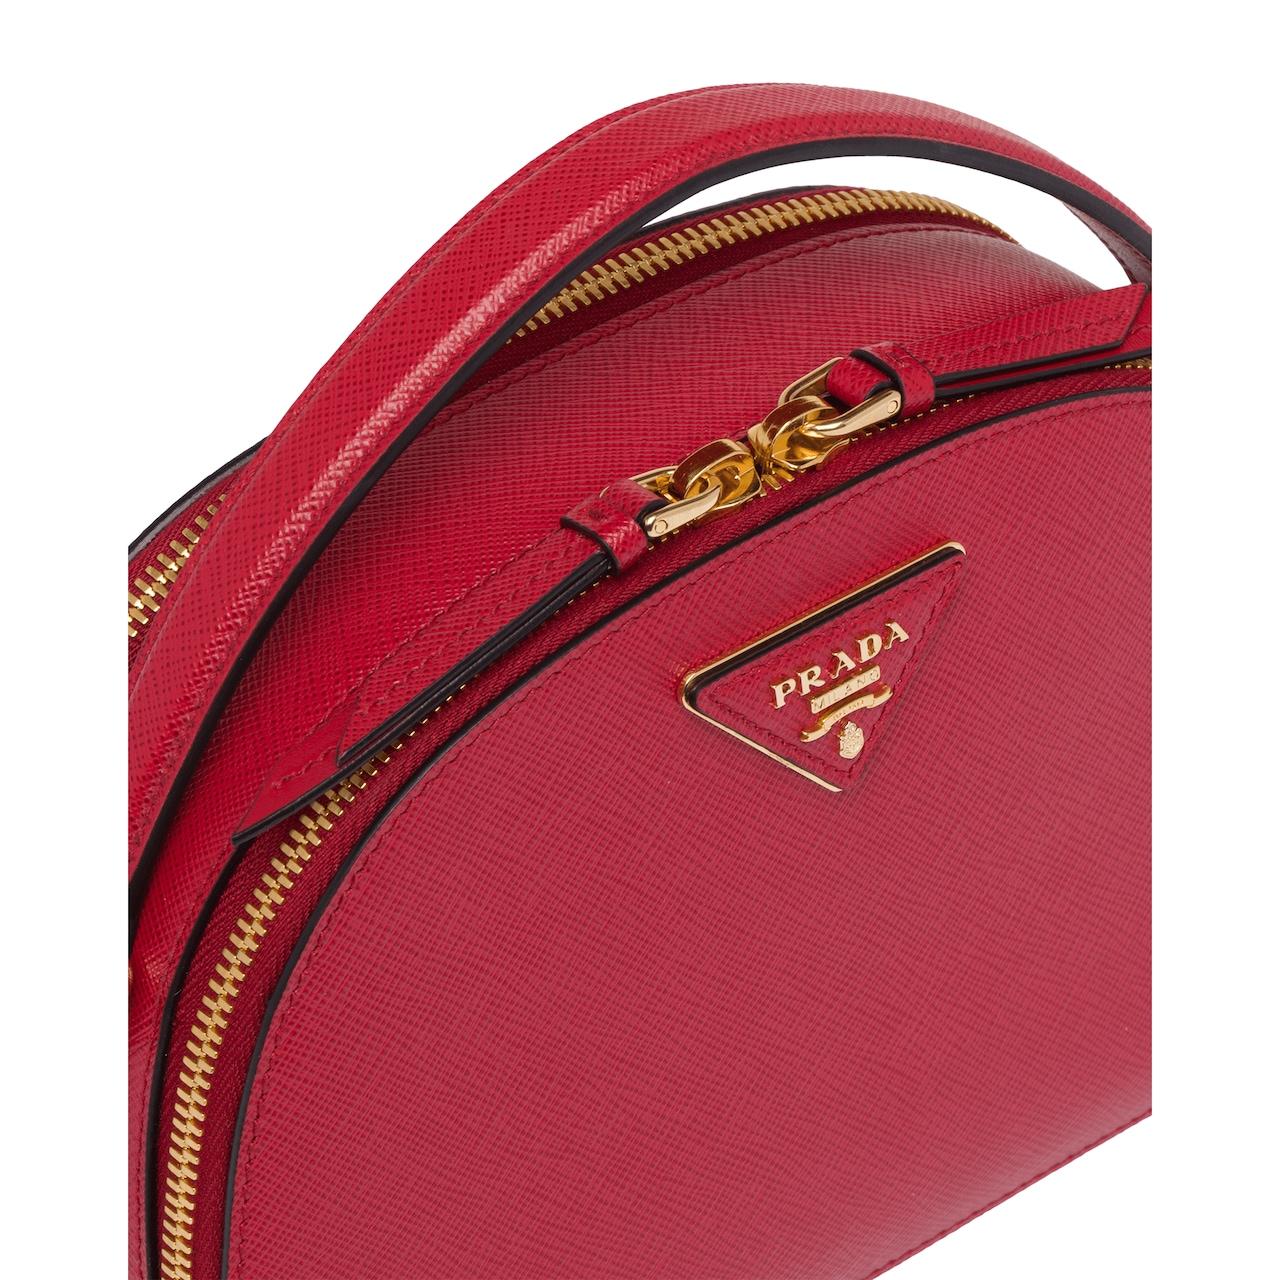 Prada Prada Odette Saffiano 皮革手袋 6